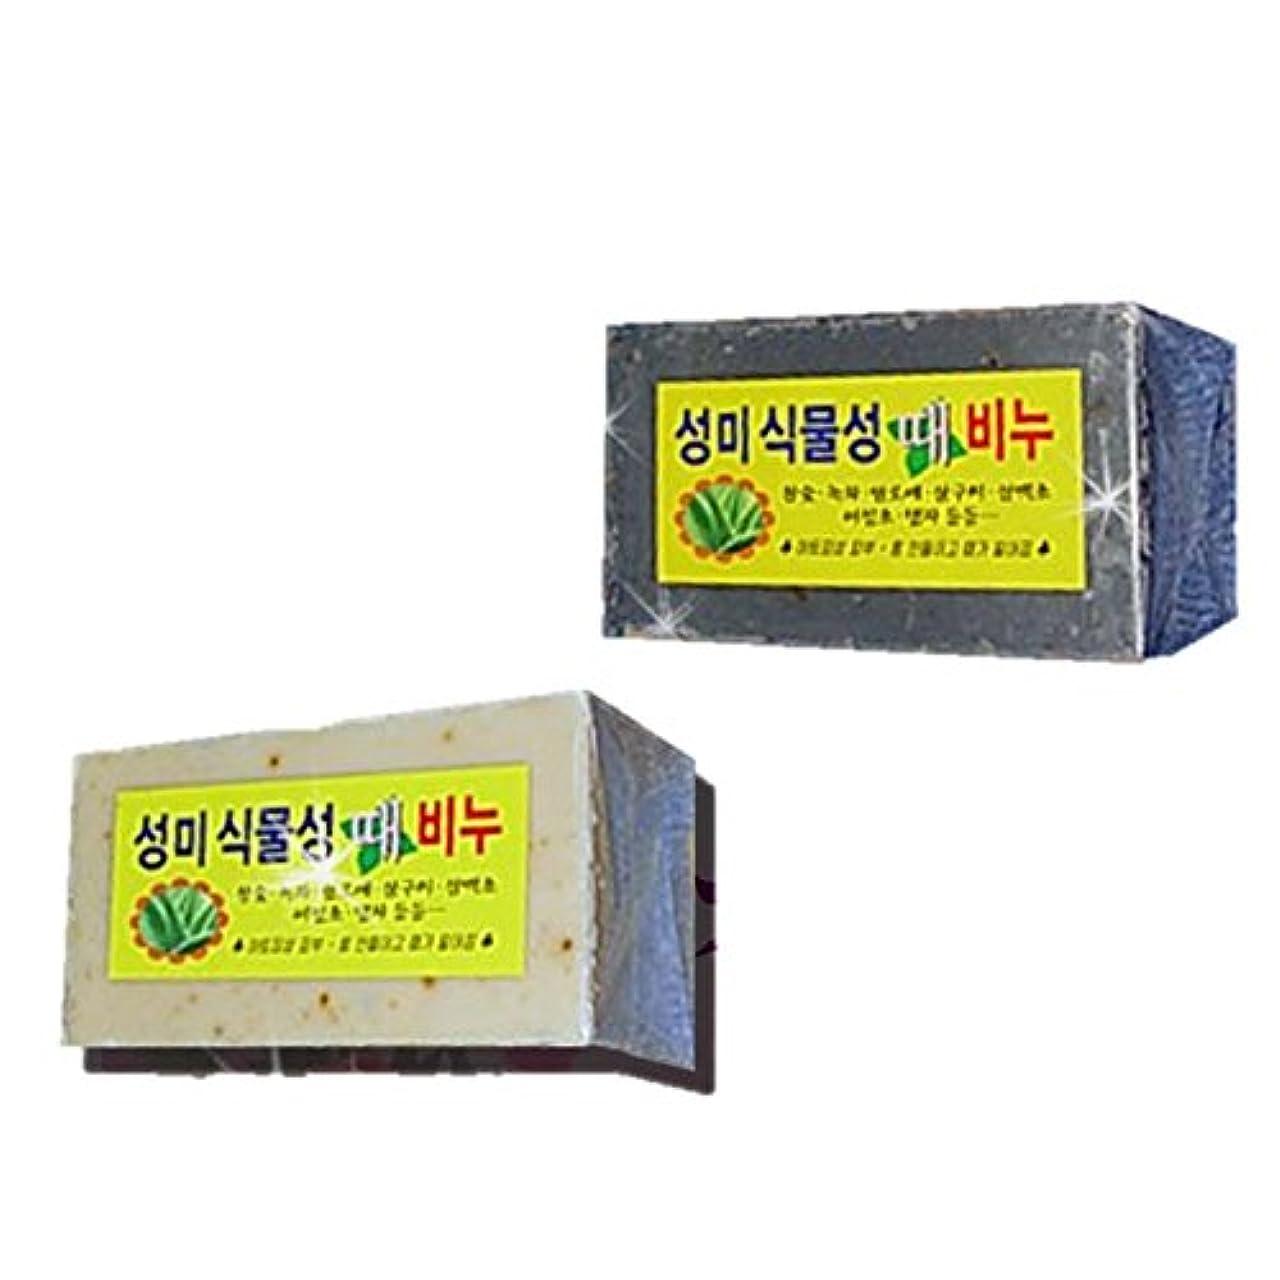 談話三角形無駄に(韓国ブランド) 植物性 垢すり石鹸 (あかすりソープ) (5個)